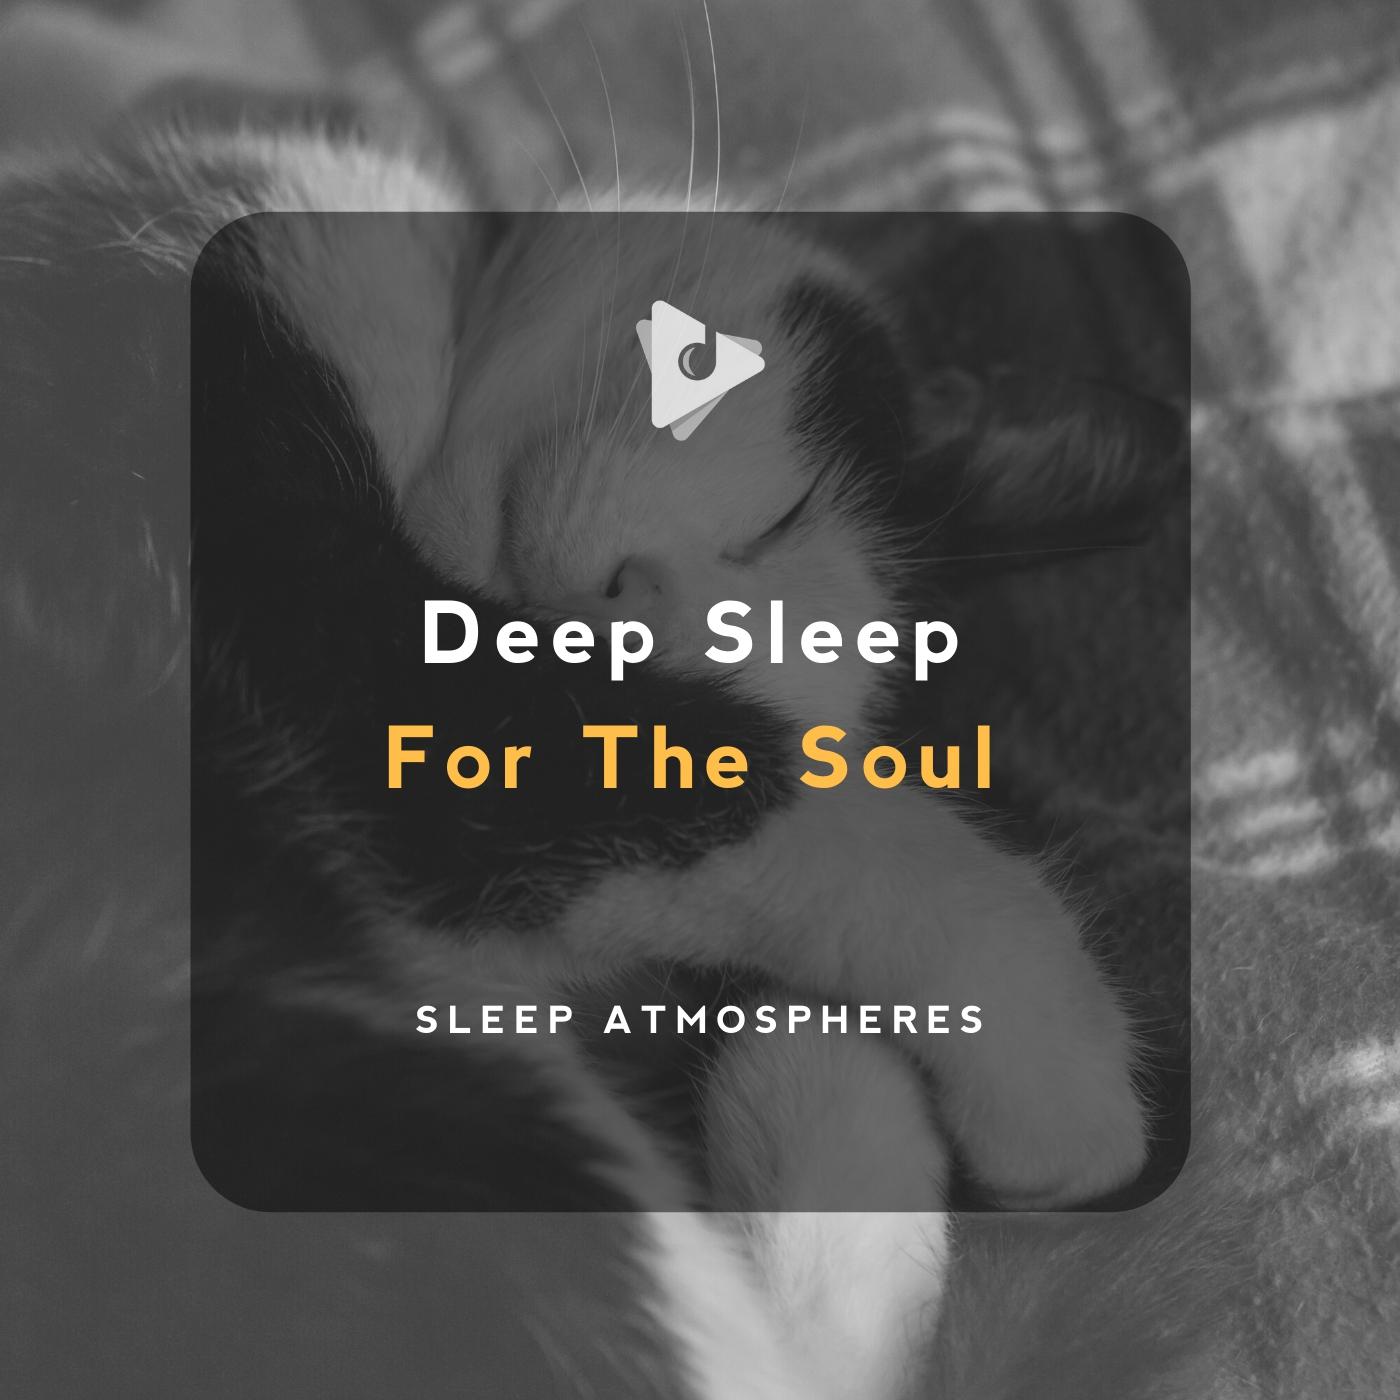 Deep Sleep For The Soul